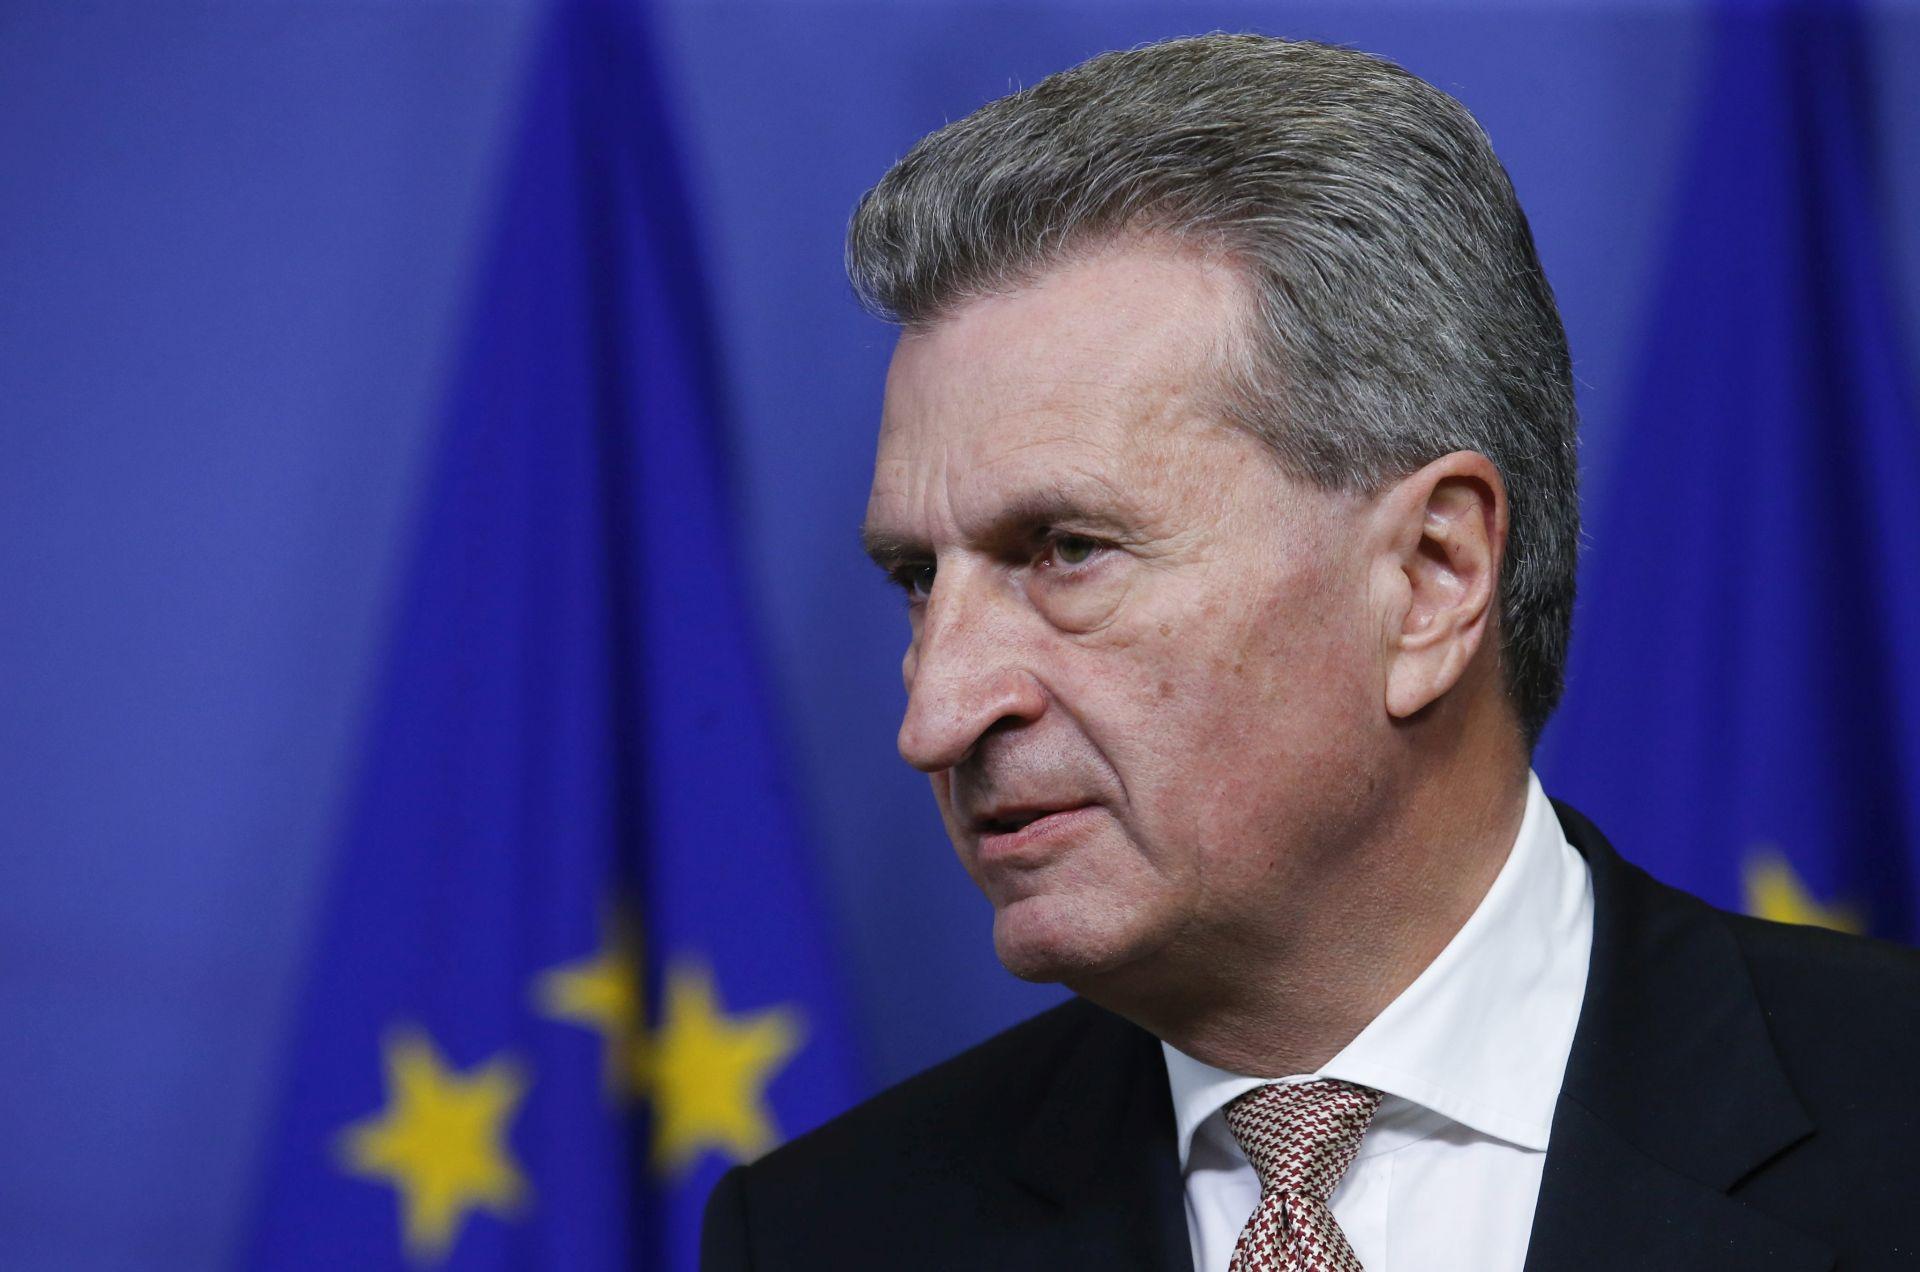 Predsjednica primila povjerenika Europske komisije za proračun i ljudske resurse Günthera Oettingera